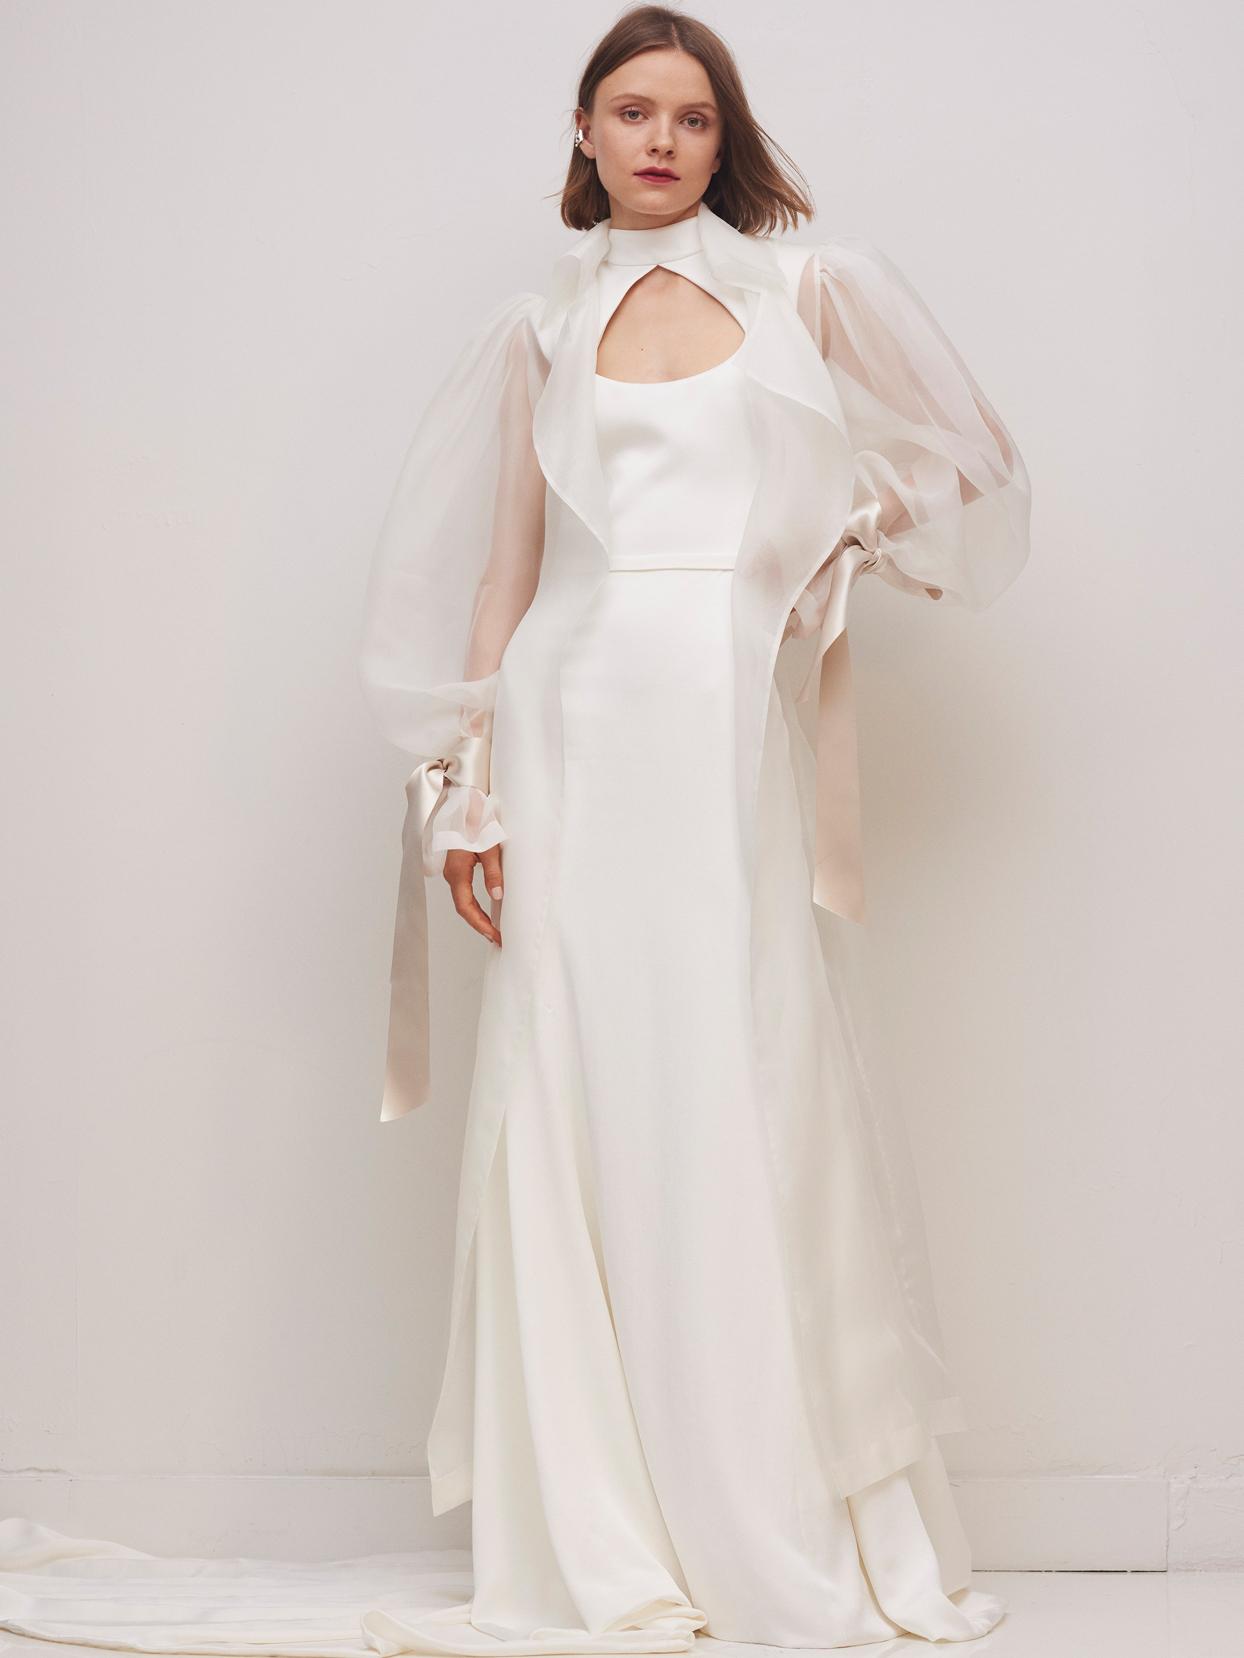 rivini by rita vinieris high-neckline with cut out sheath wedding dress fall 2020